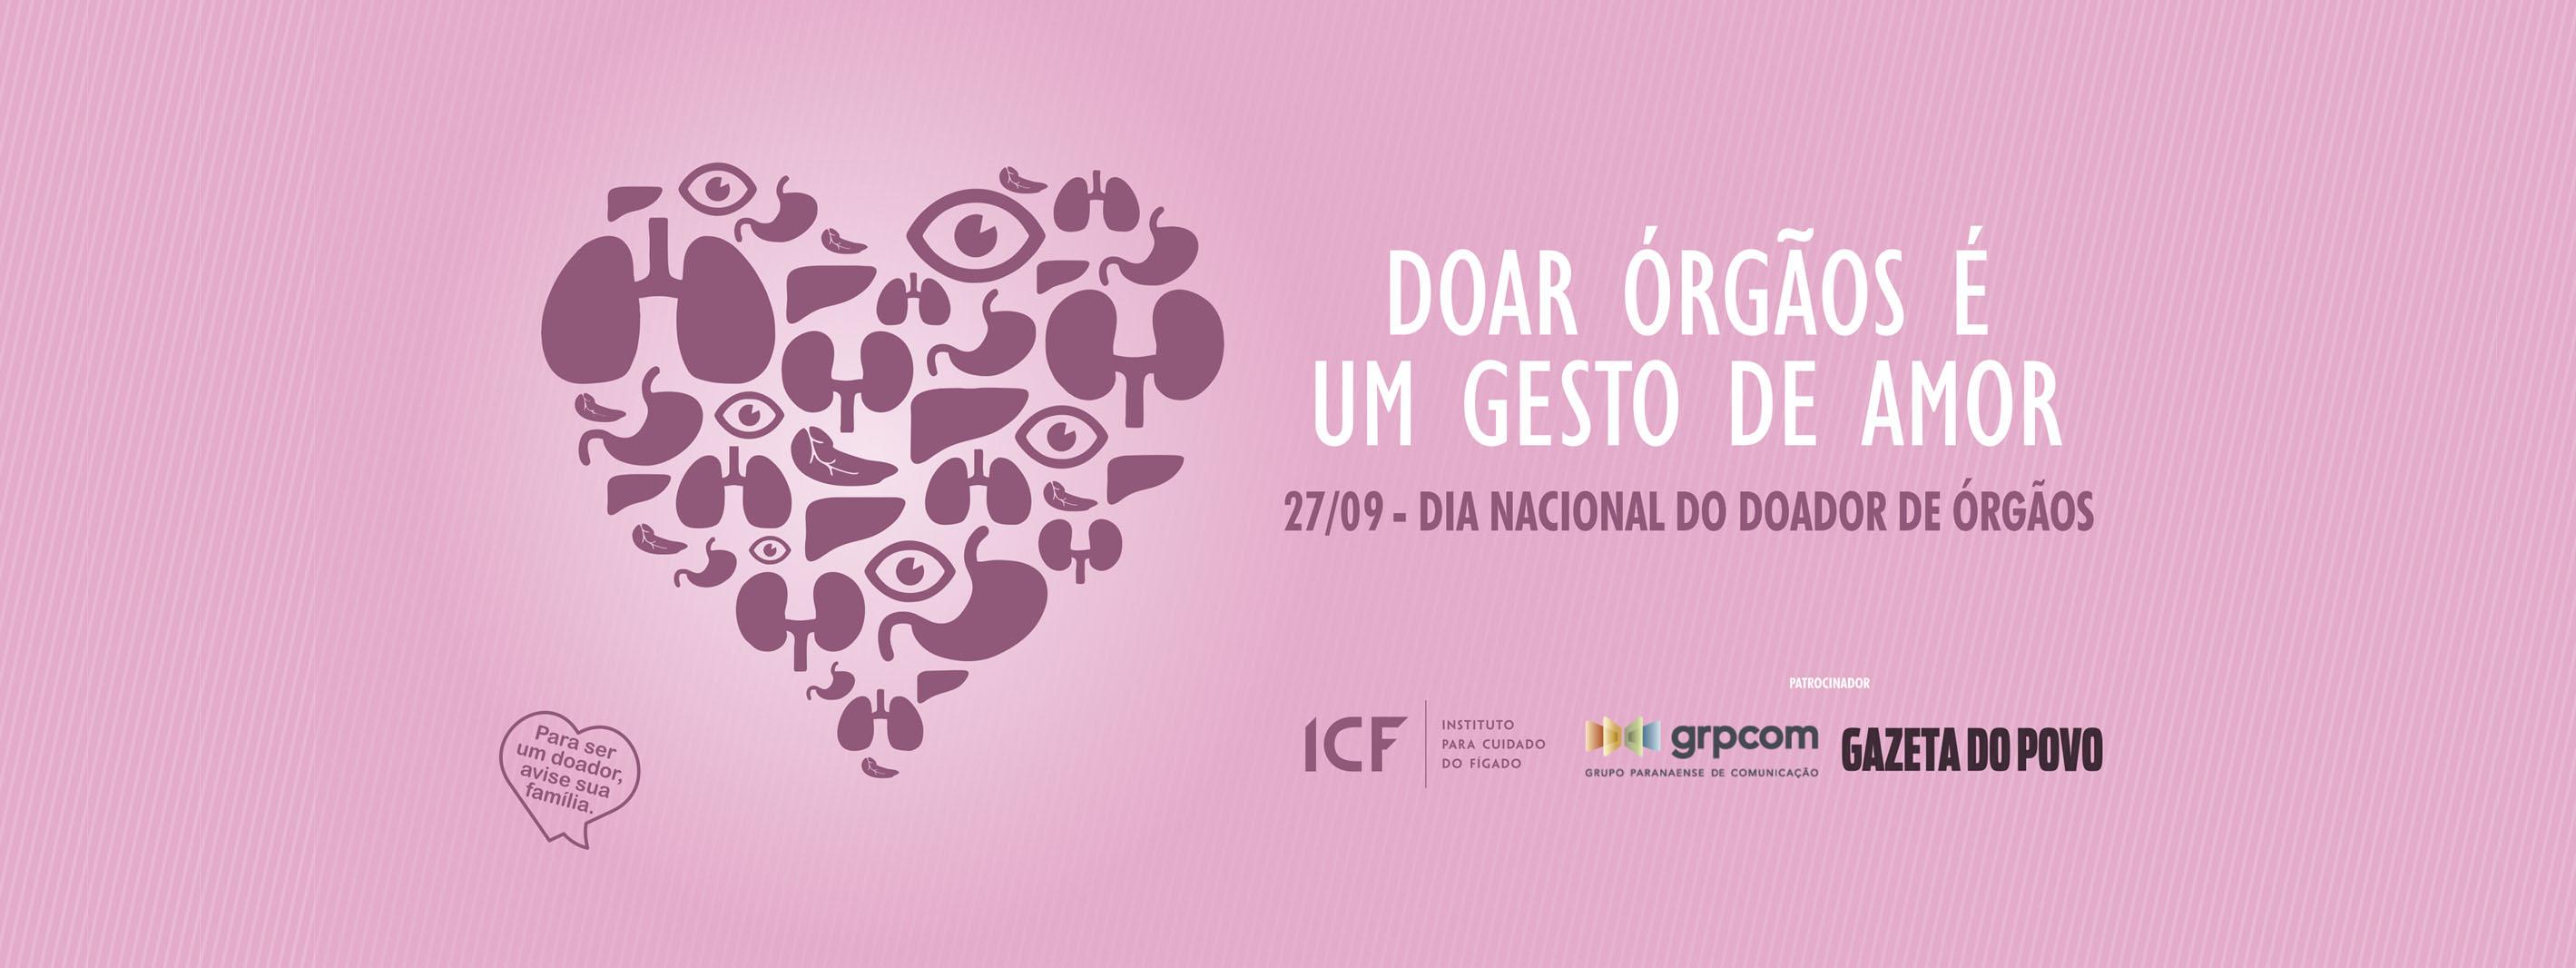 27/09 Dia Nacional do Doador de Órgãos